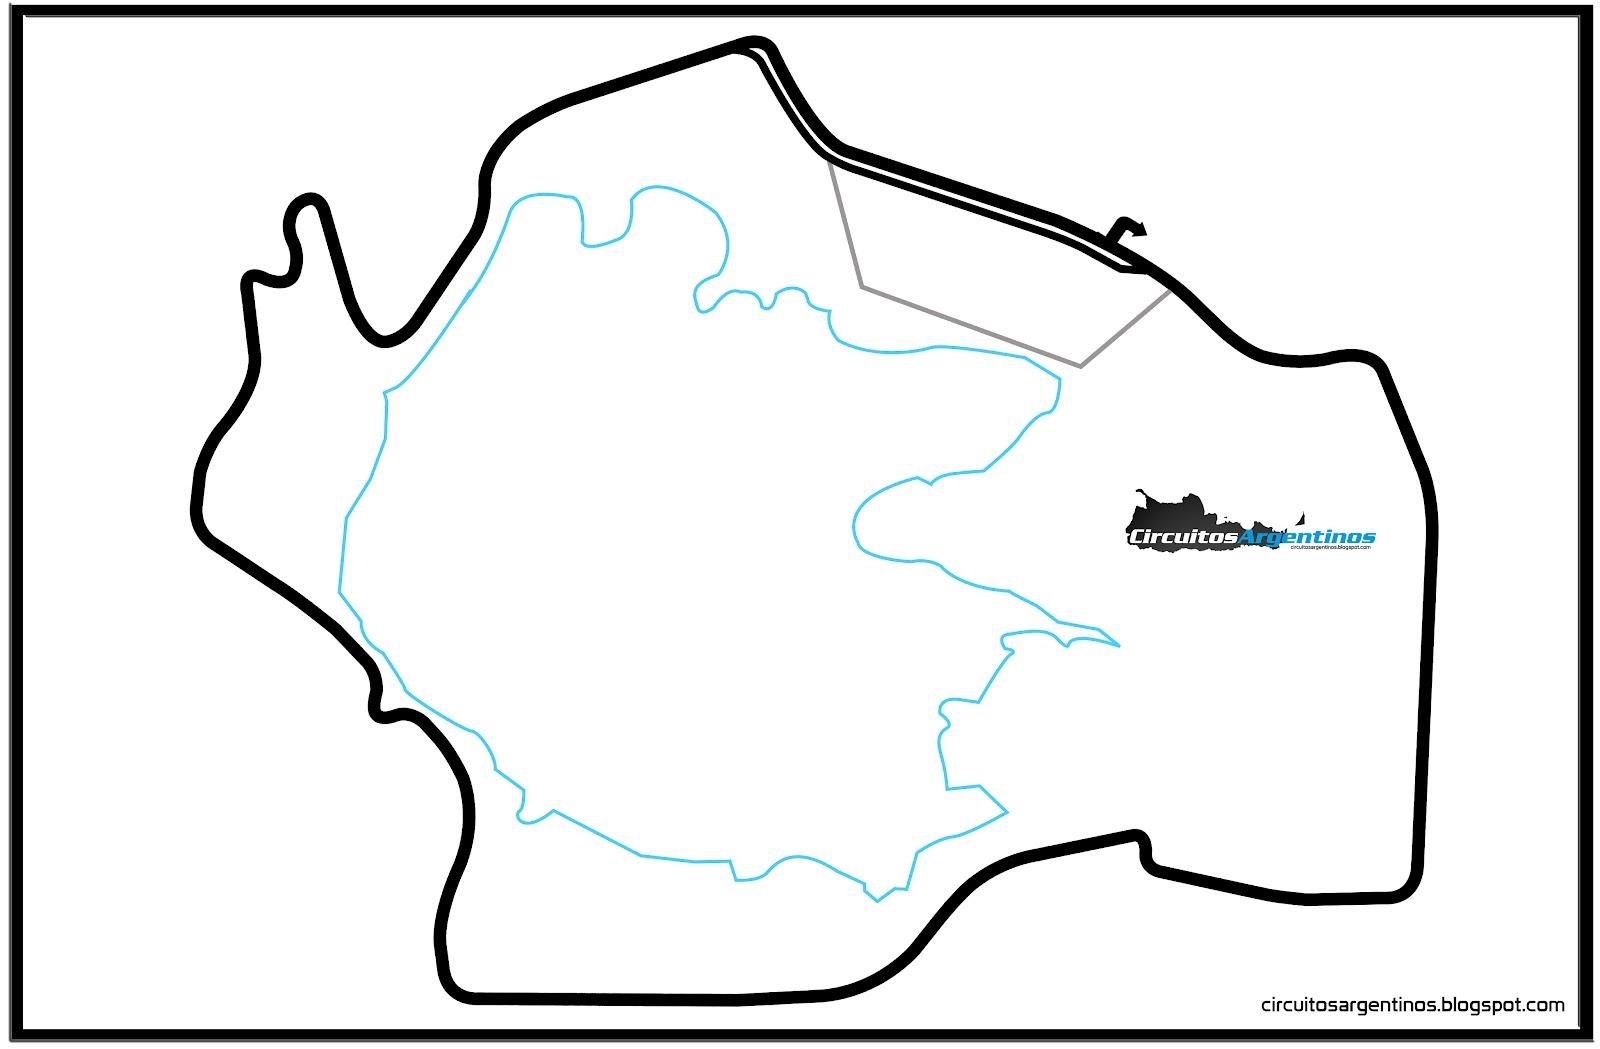 Circuito Rosendo Hernandez : Circuitos argentinos cuyo